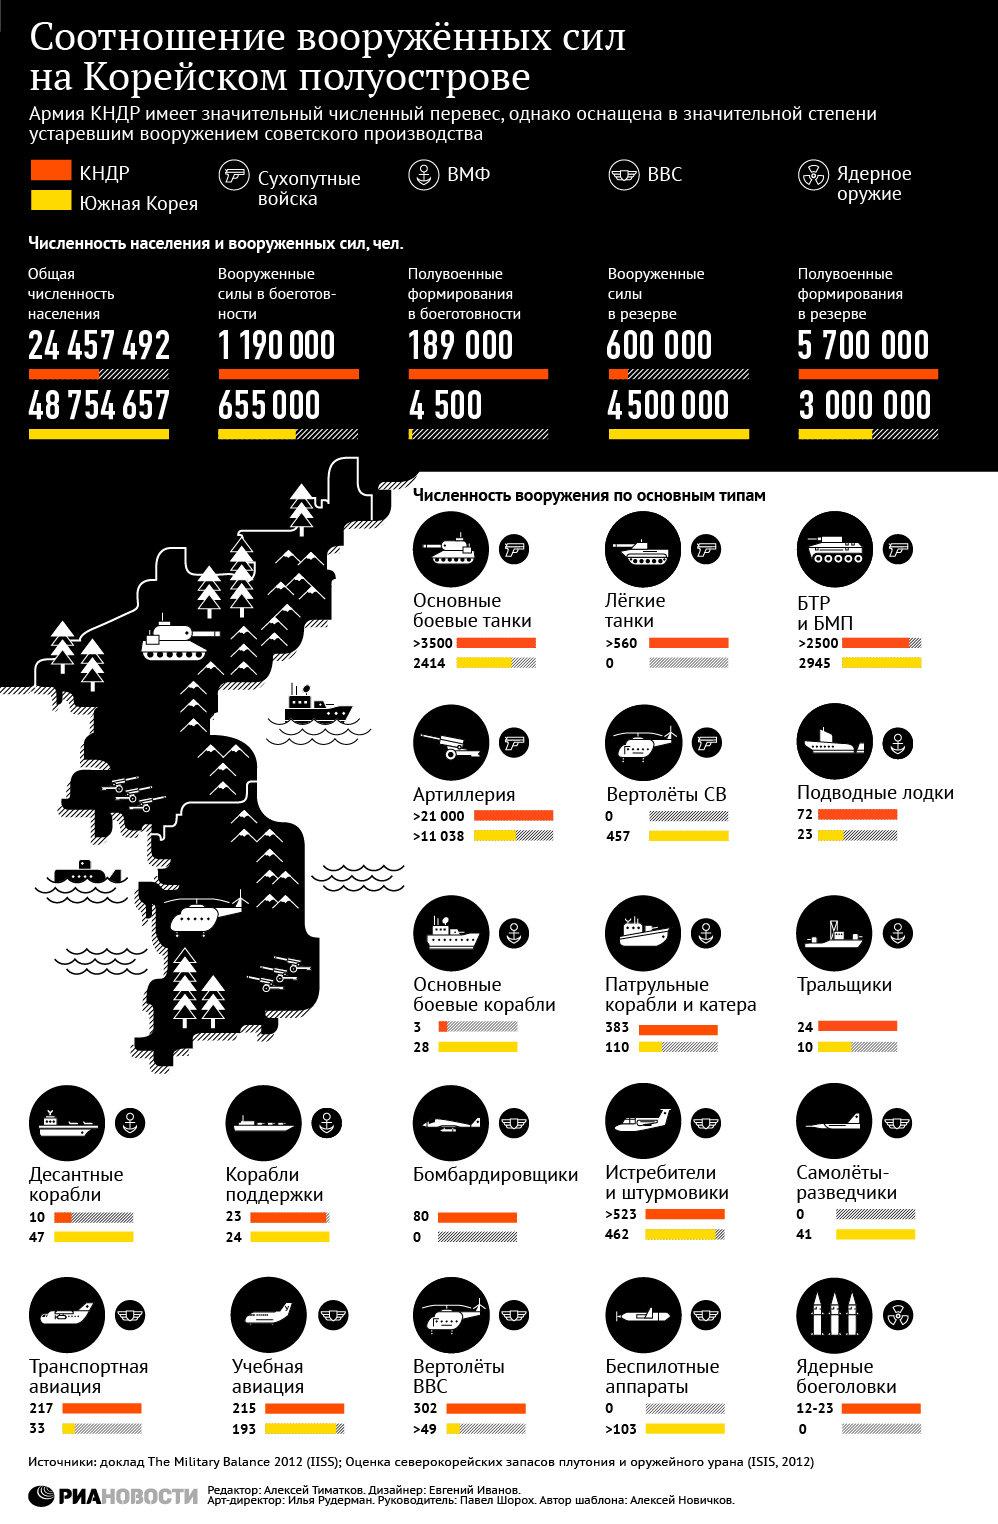 Соотношение сил на Корейском полуострове, Инфографика РИА Новости